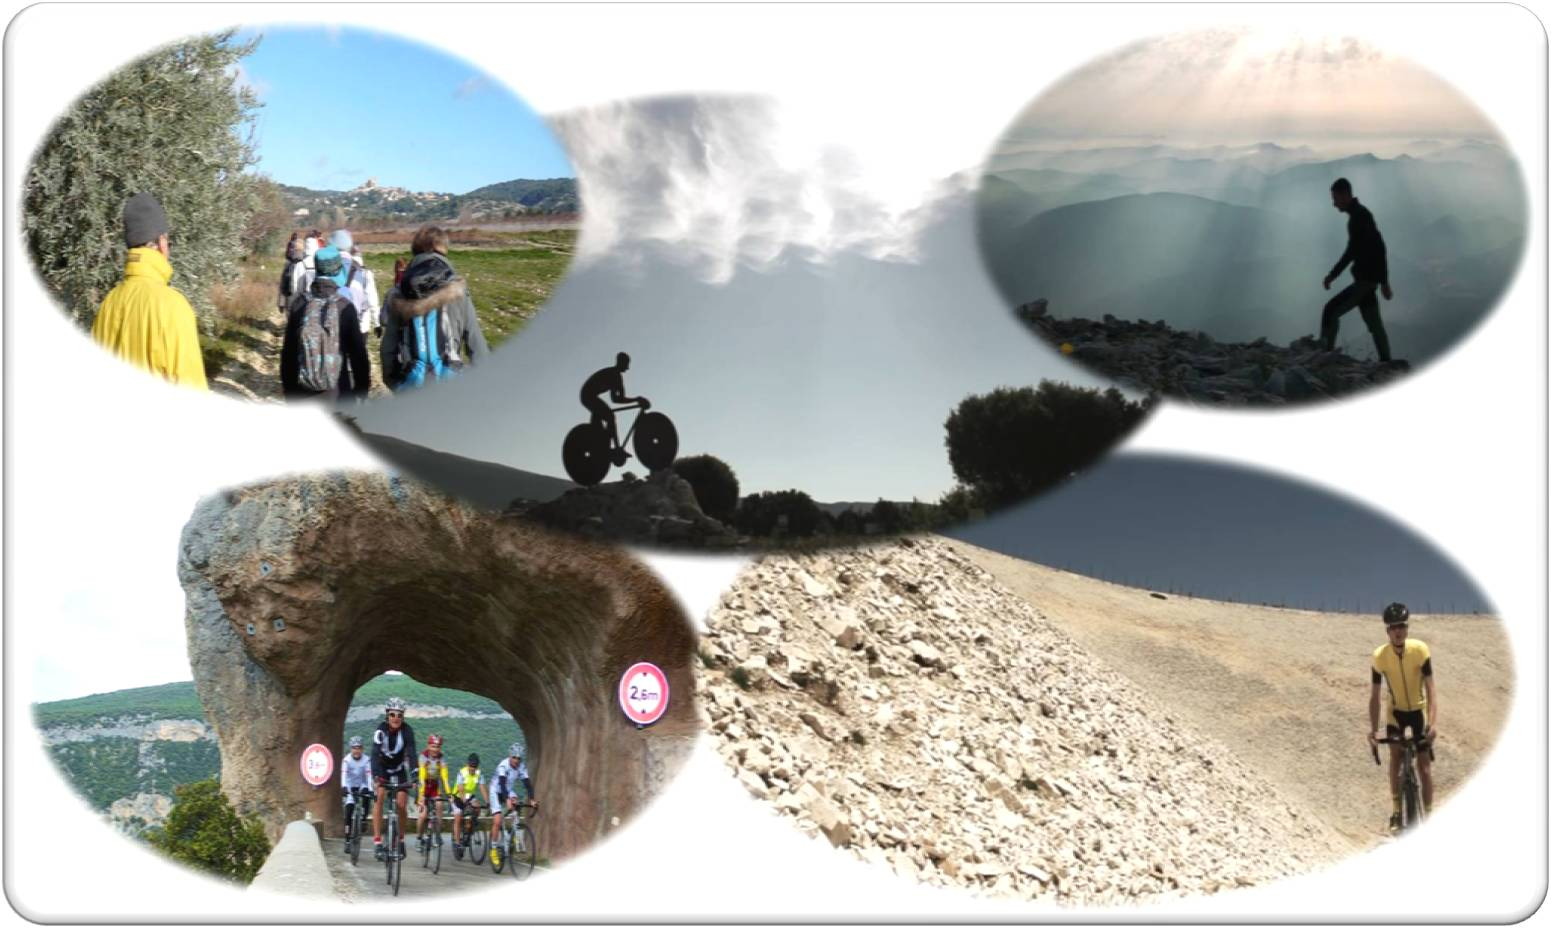 Συνάντηση συνεργασίας στην «Α.Ε.ΝΟ.Λ. Α.Ε.» με φορείς της περιοχής του Ολύμπου όσον αφορά τον περιπατητικό και ποδηλατικό τουρισμού στον Όλυμπο